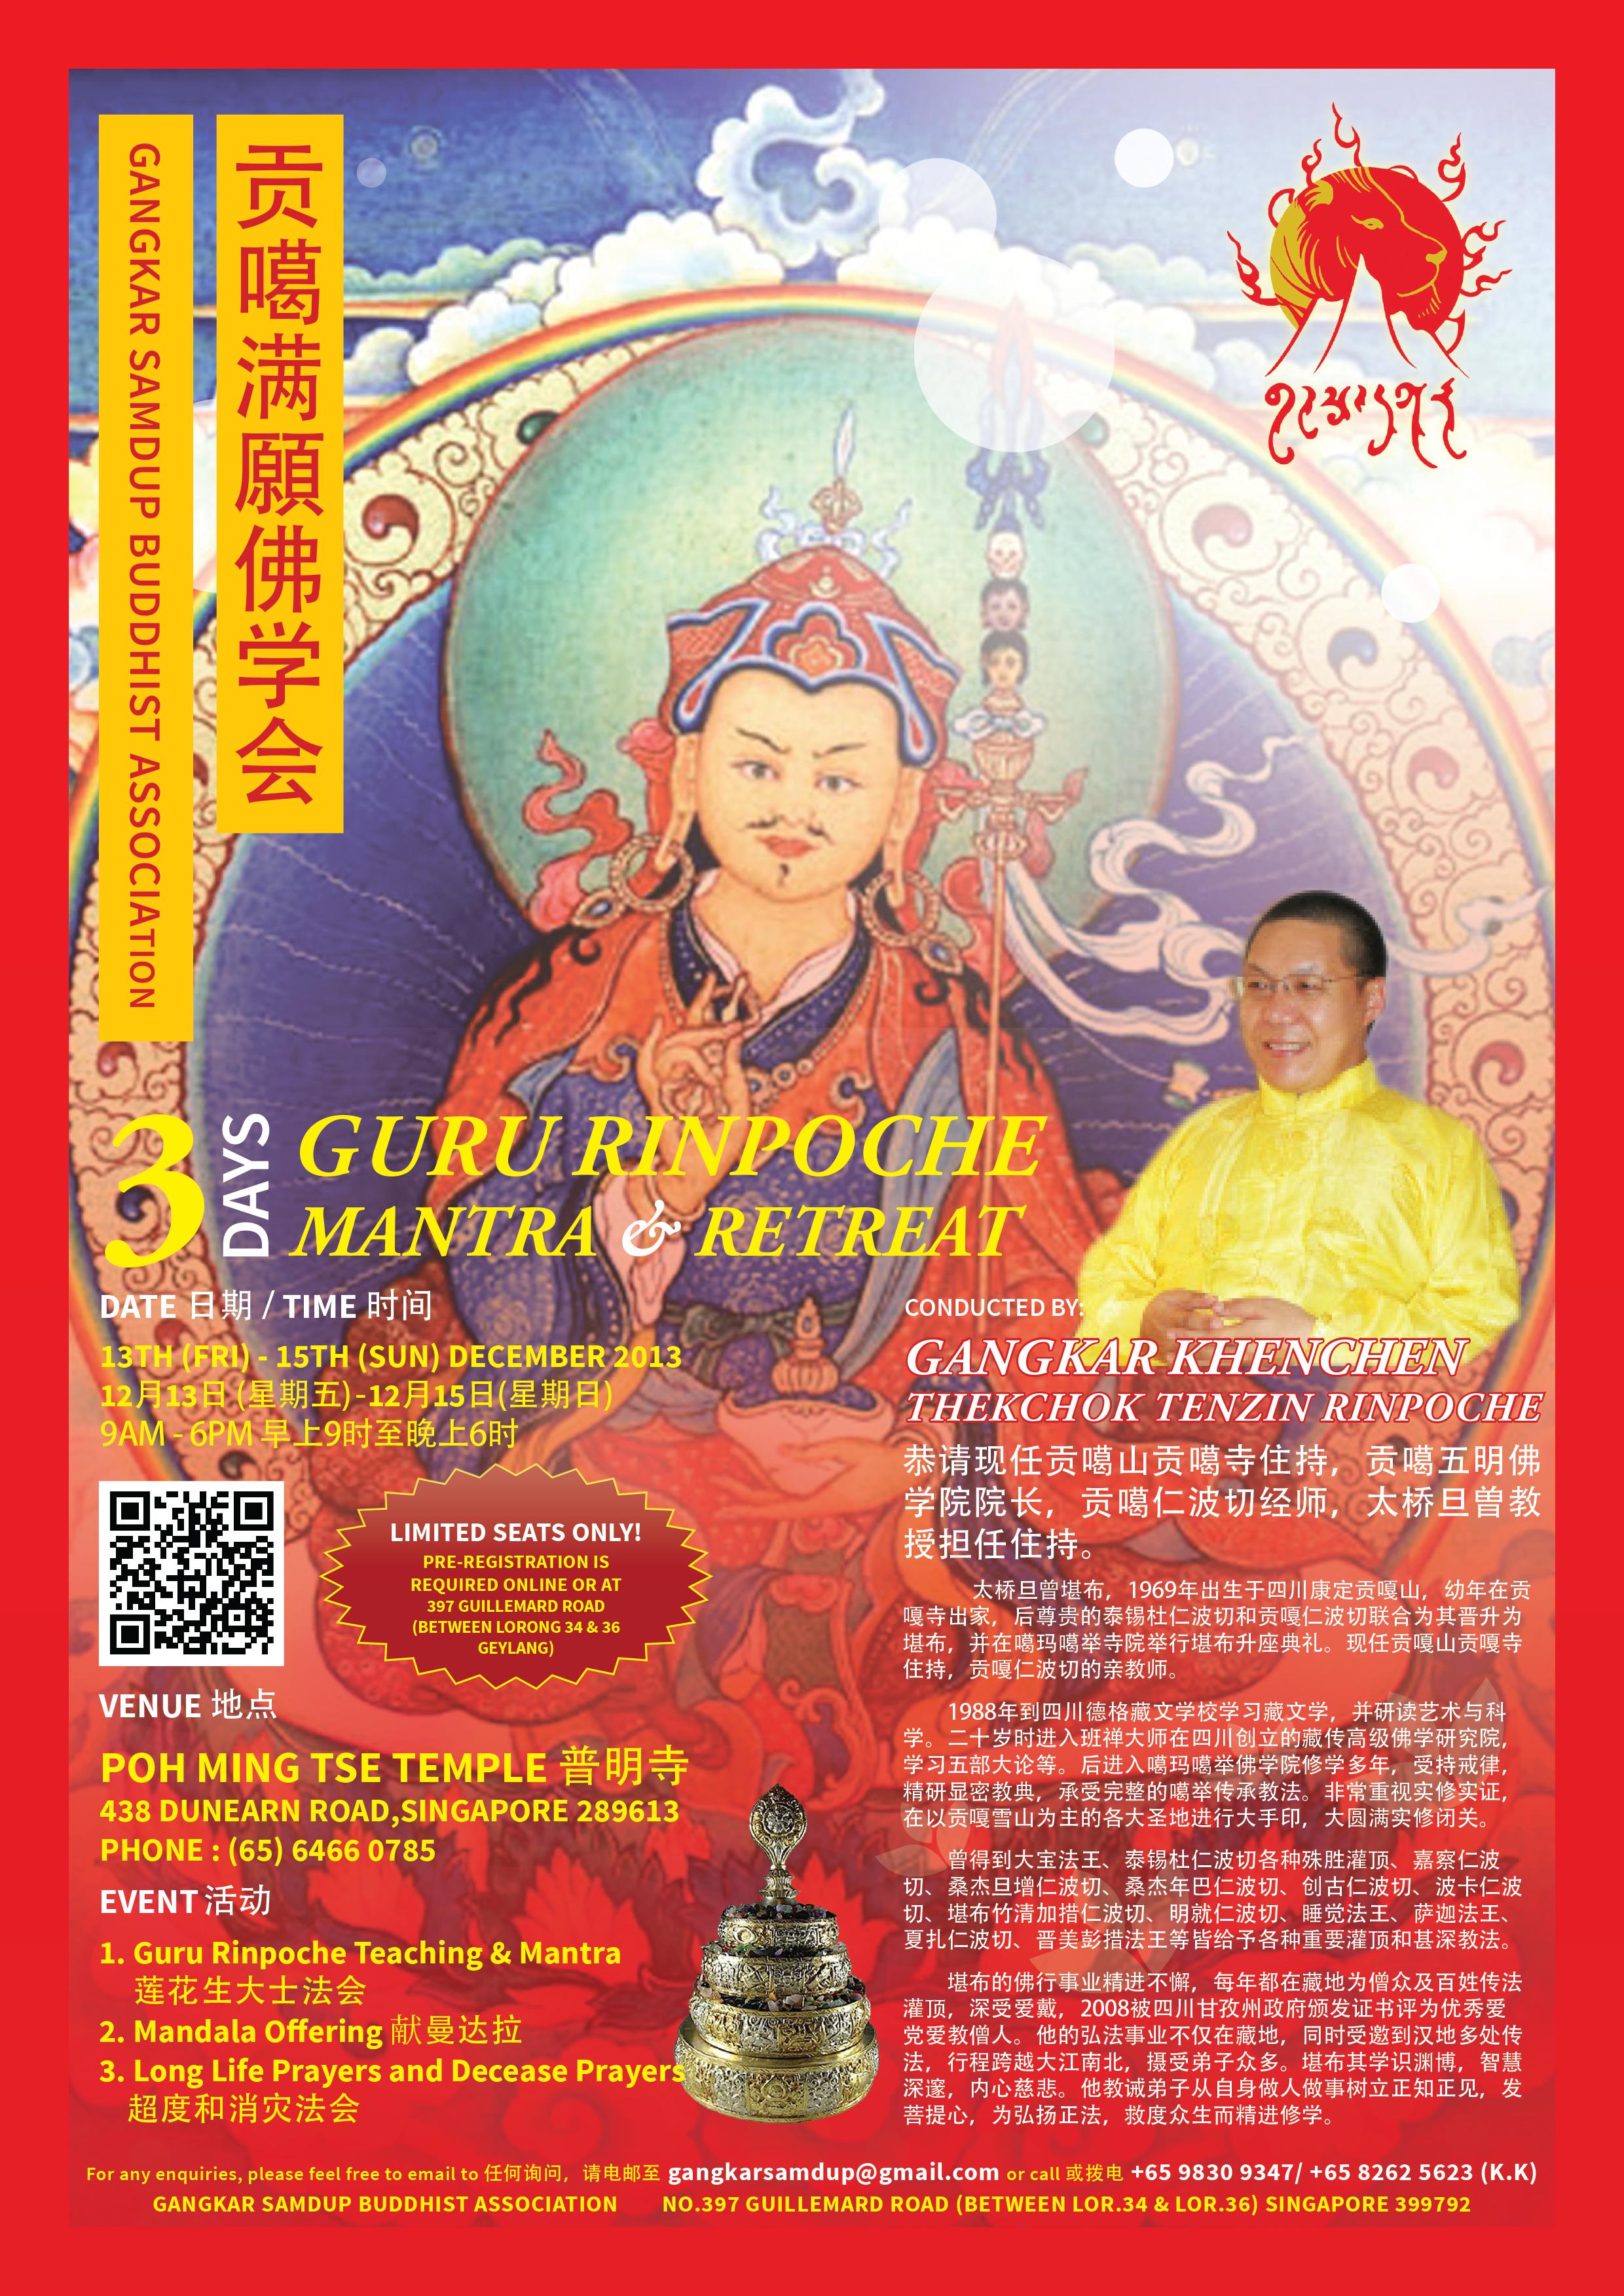 3 Days Guru Rinpoche Mantra & Retreat